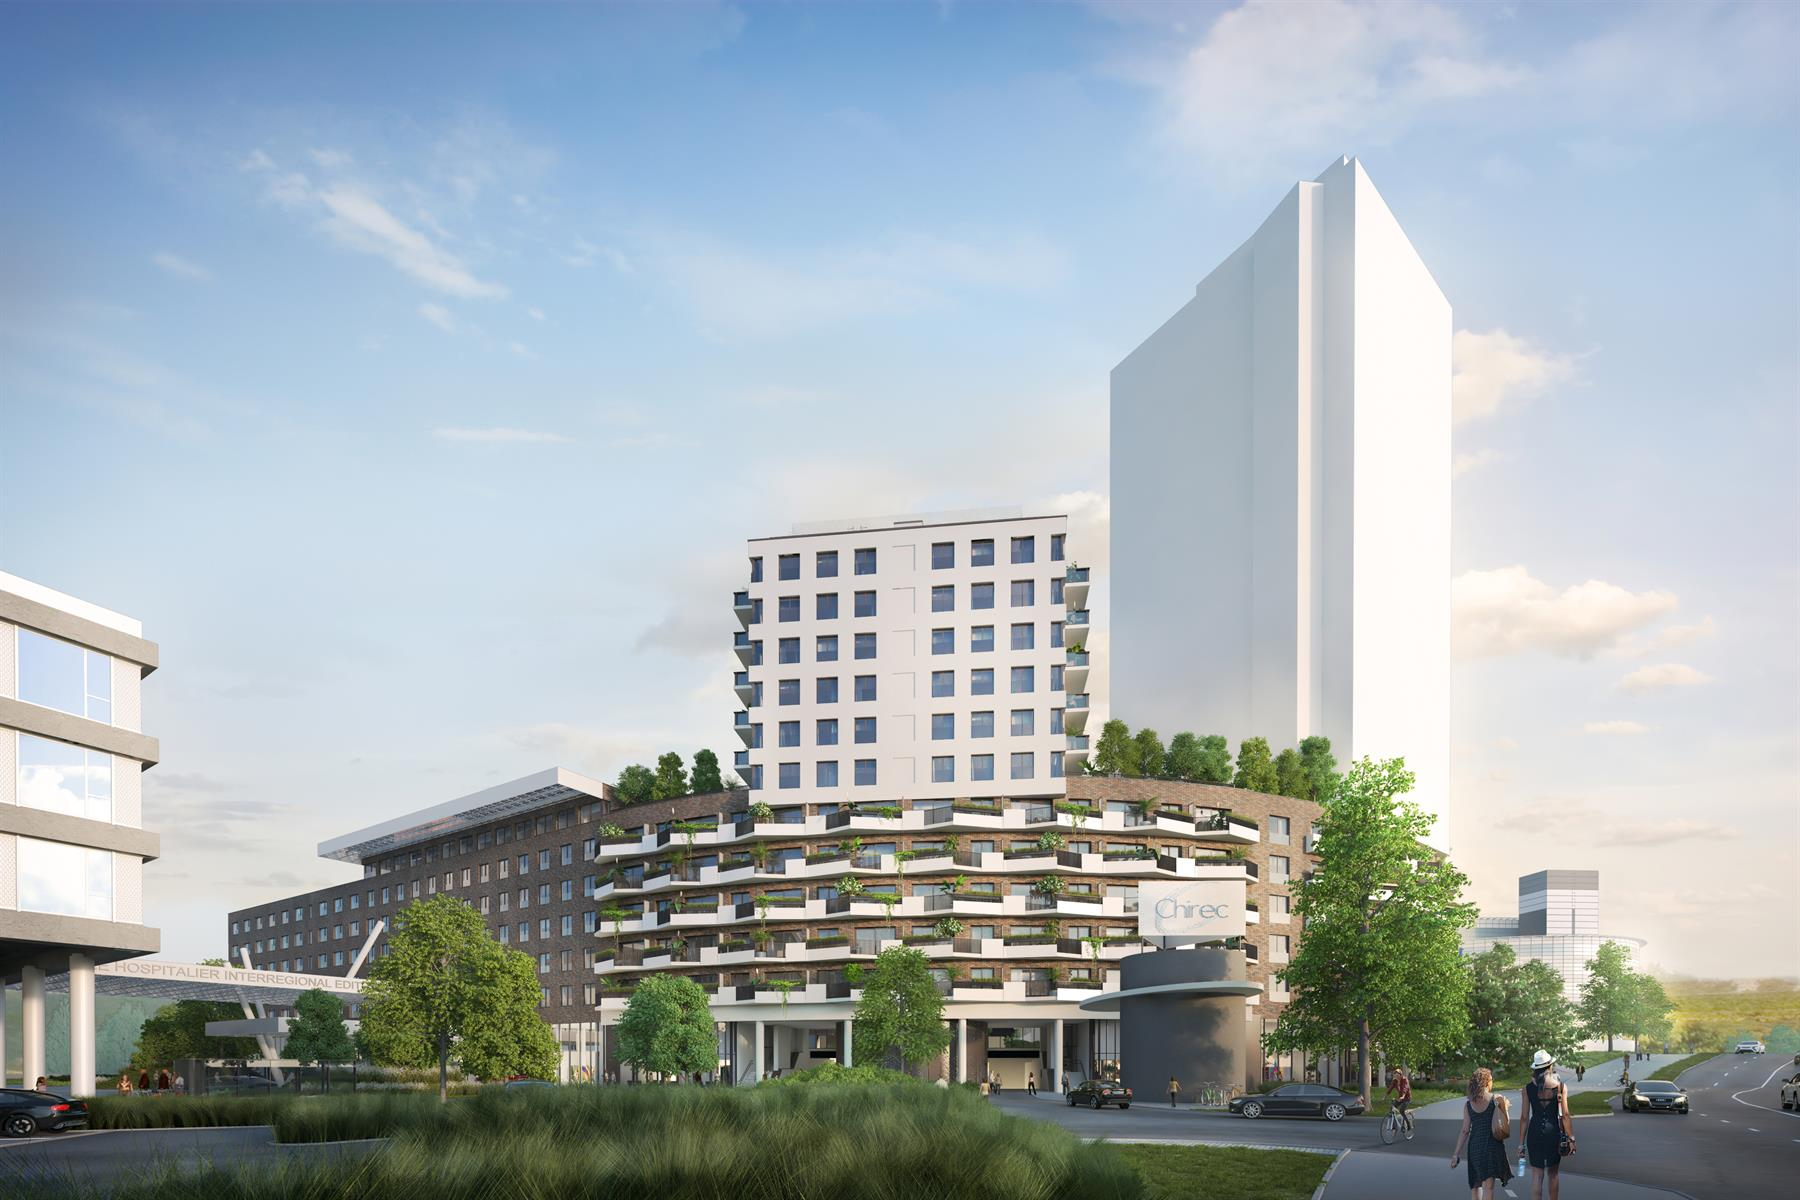 Flat - Ixelles - #4365575-10